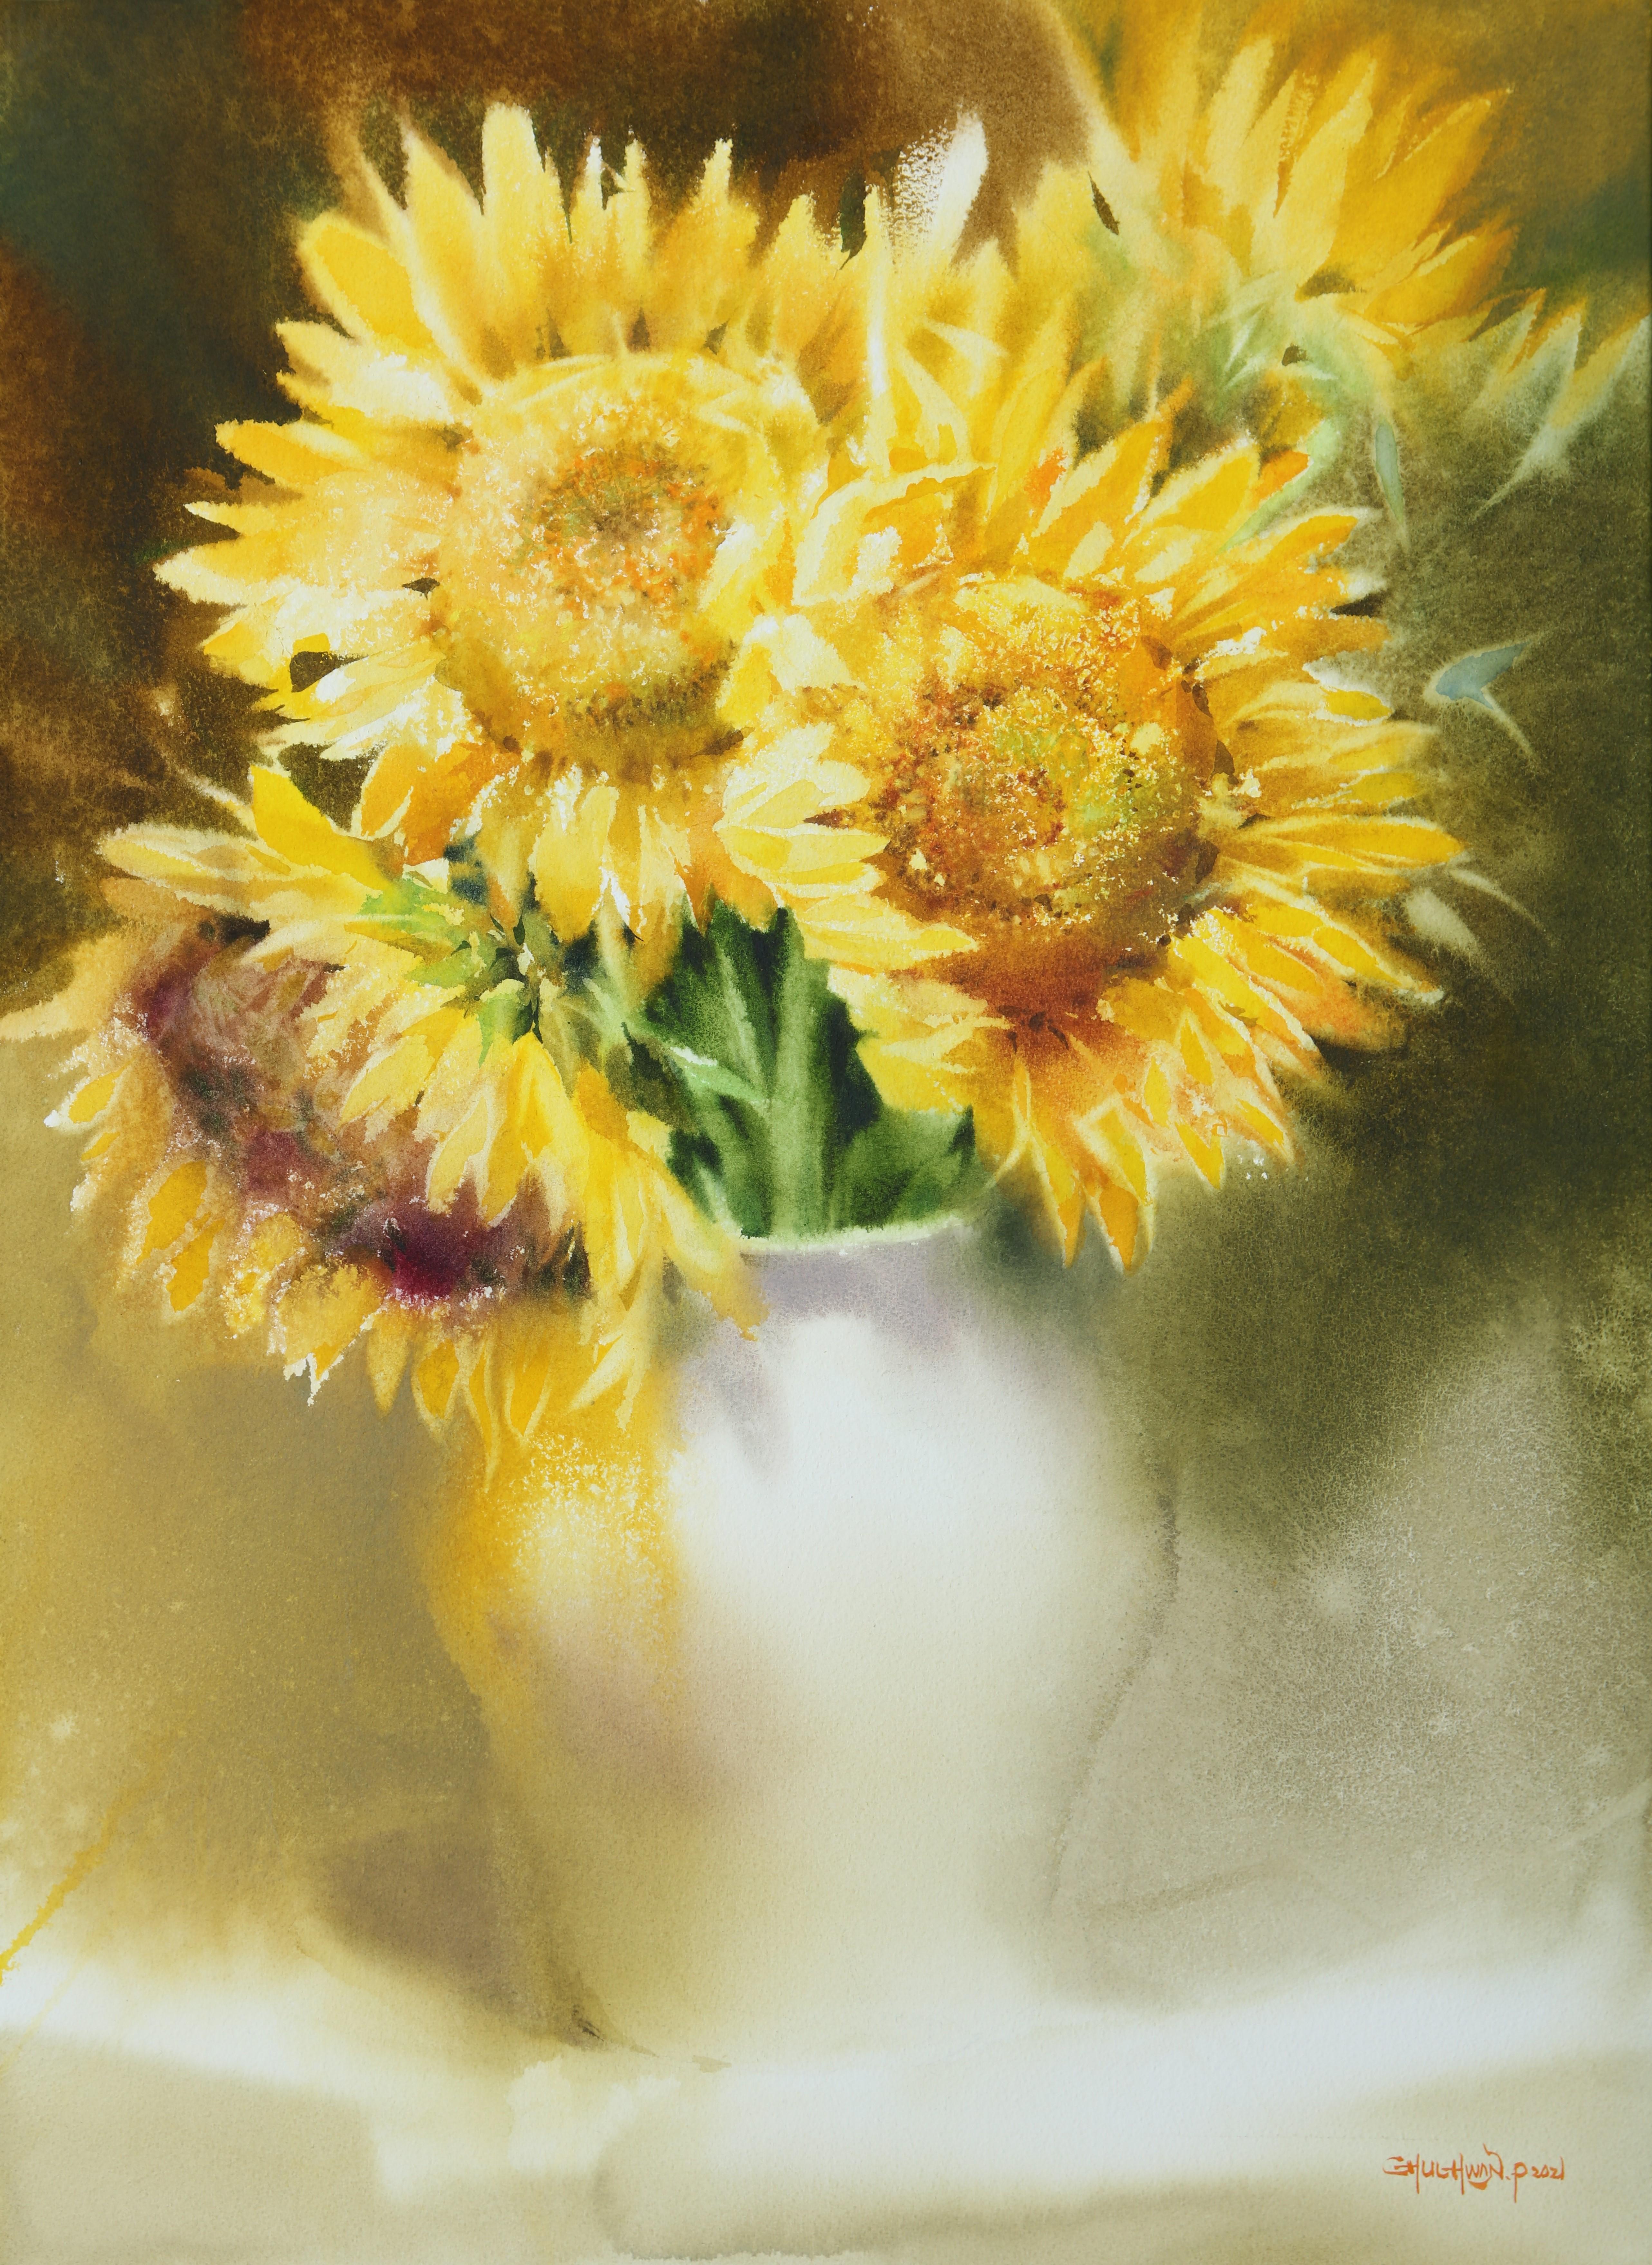 009, 박철환, Sunflower, 72.7 x 53